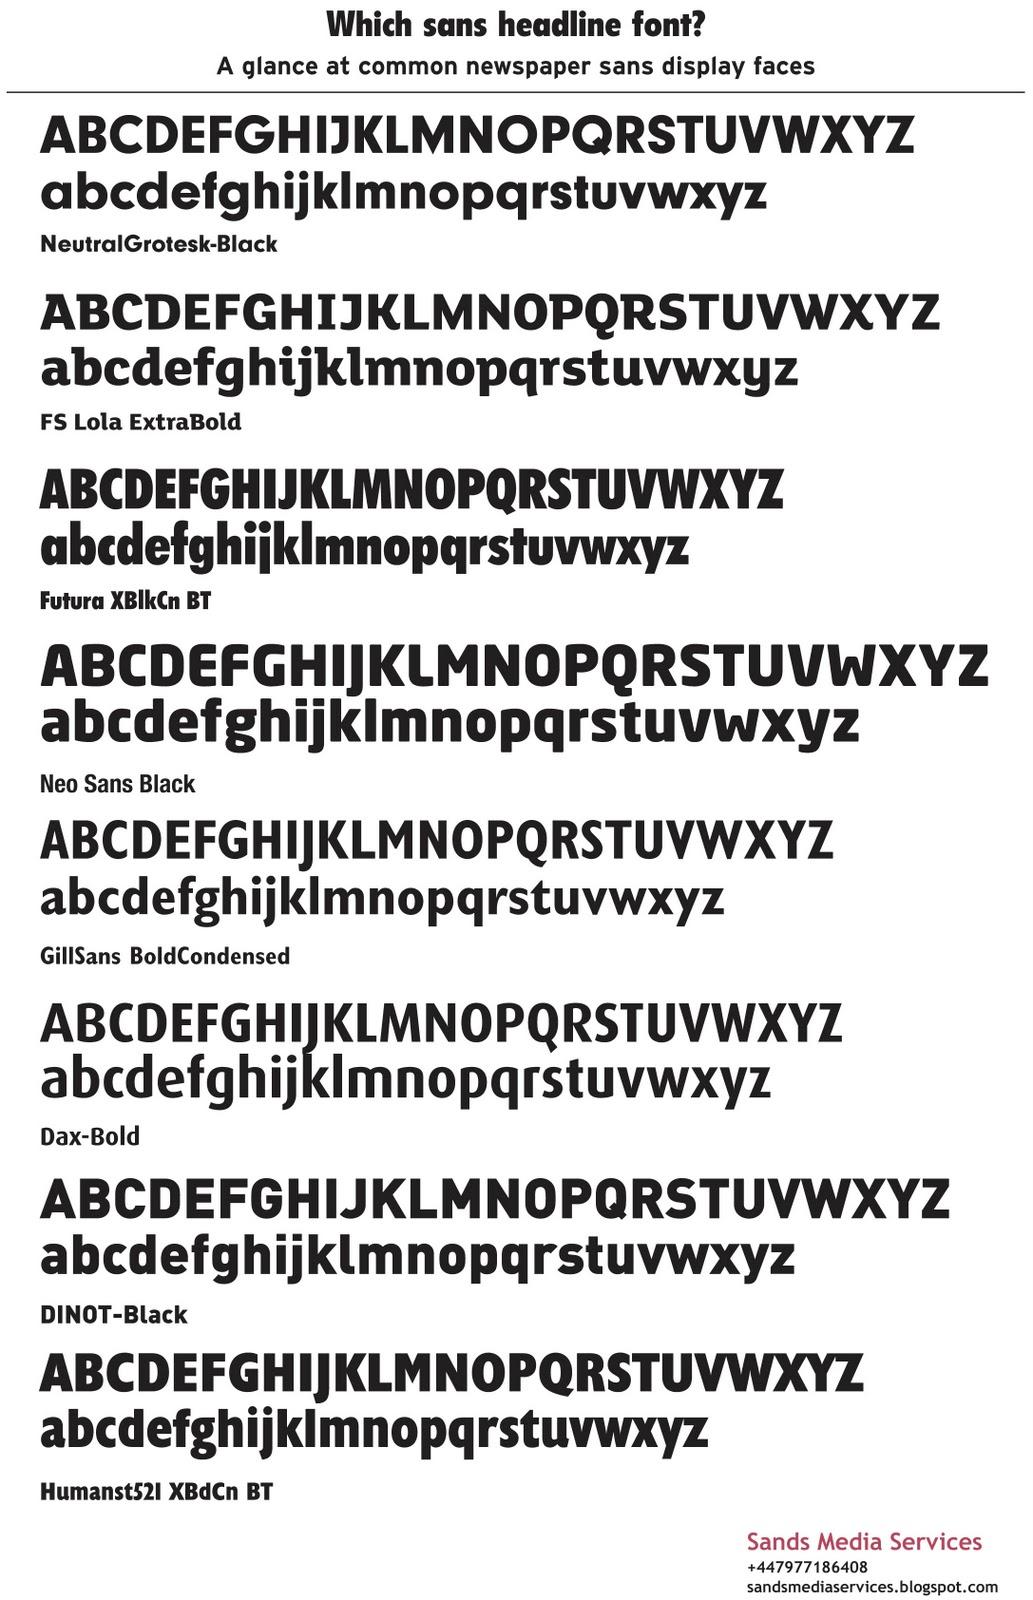 Sands Media Services: Type comparison 2 - sans headline faces